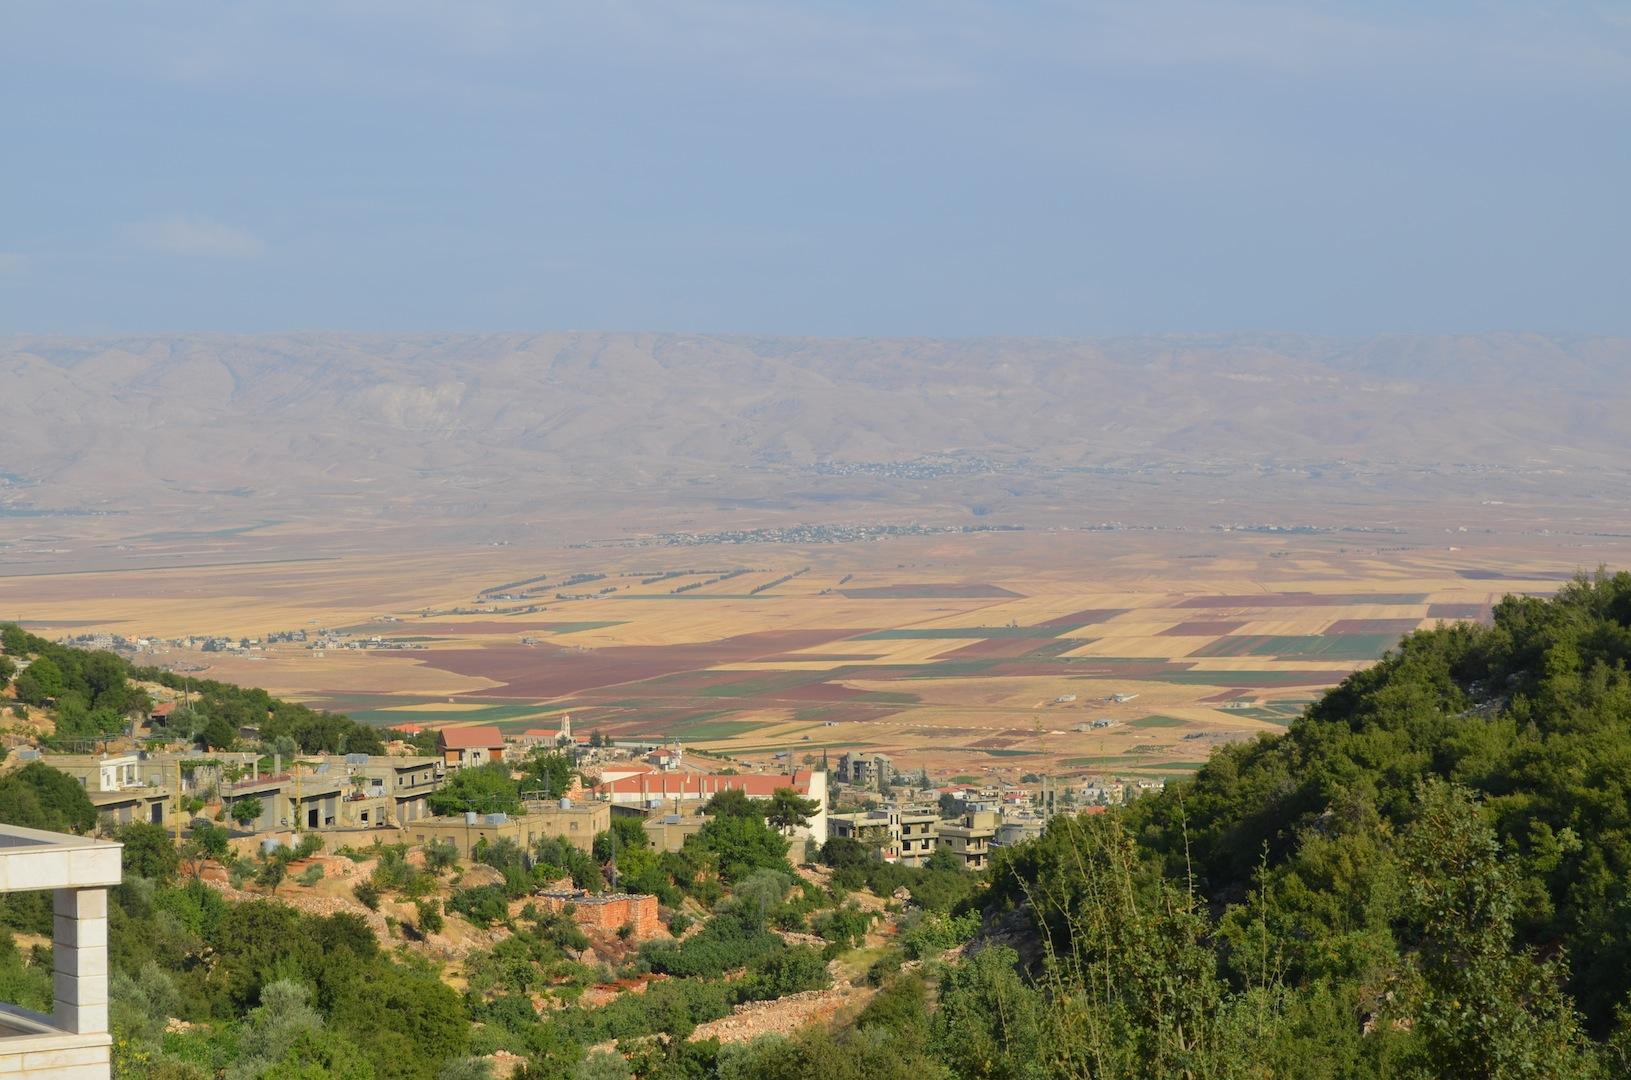 Mountain Wallpaper Iphone 6 Summer In Lebanon A Trip Through The Lebanese Mountains